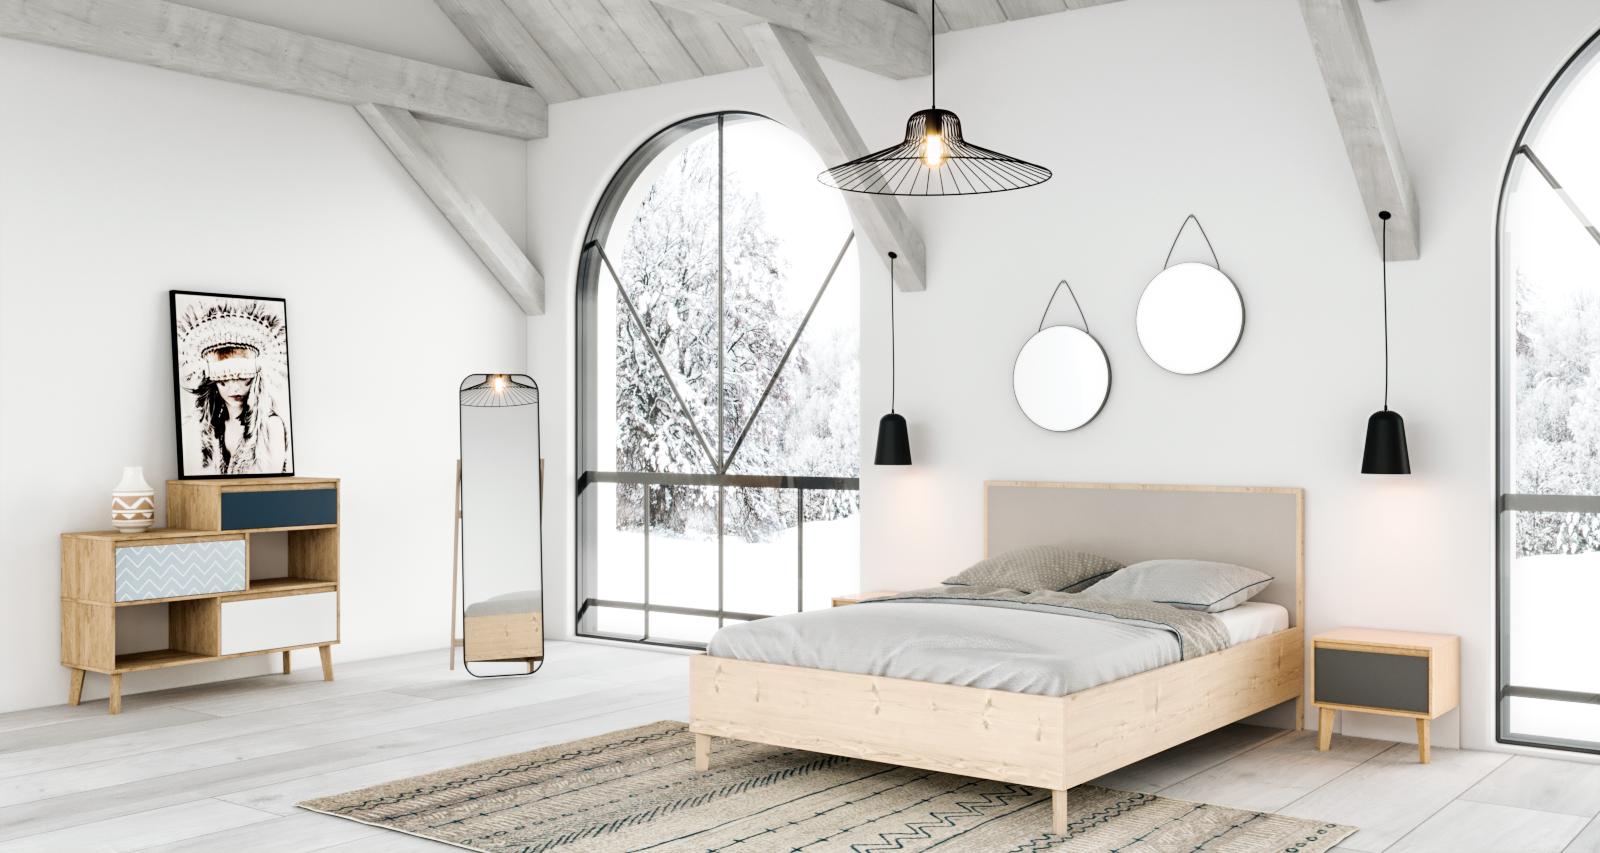 Chambre scandinave industrielle blanche beige noire : inspiration ...